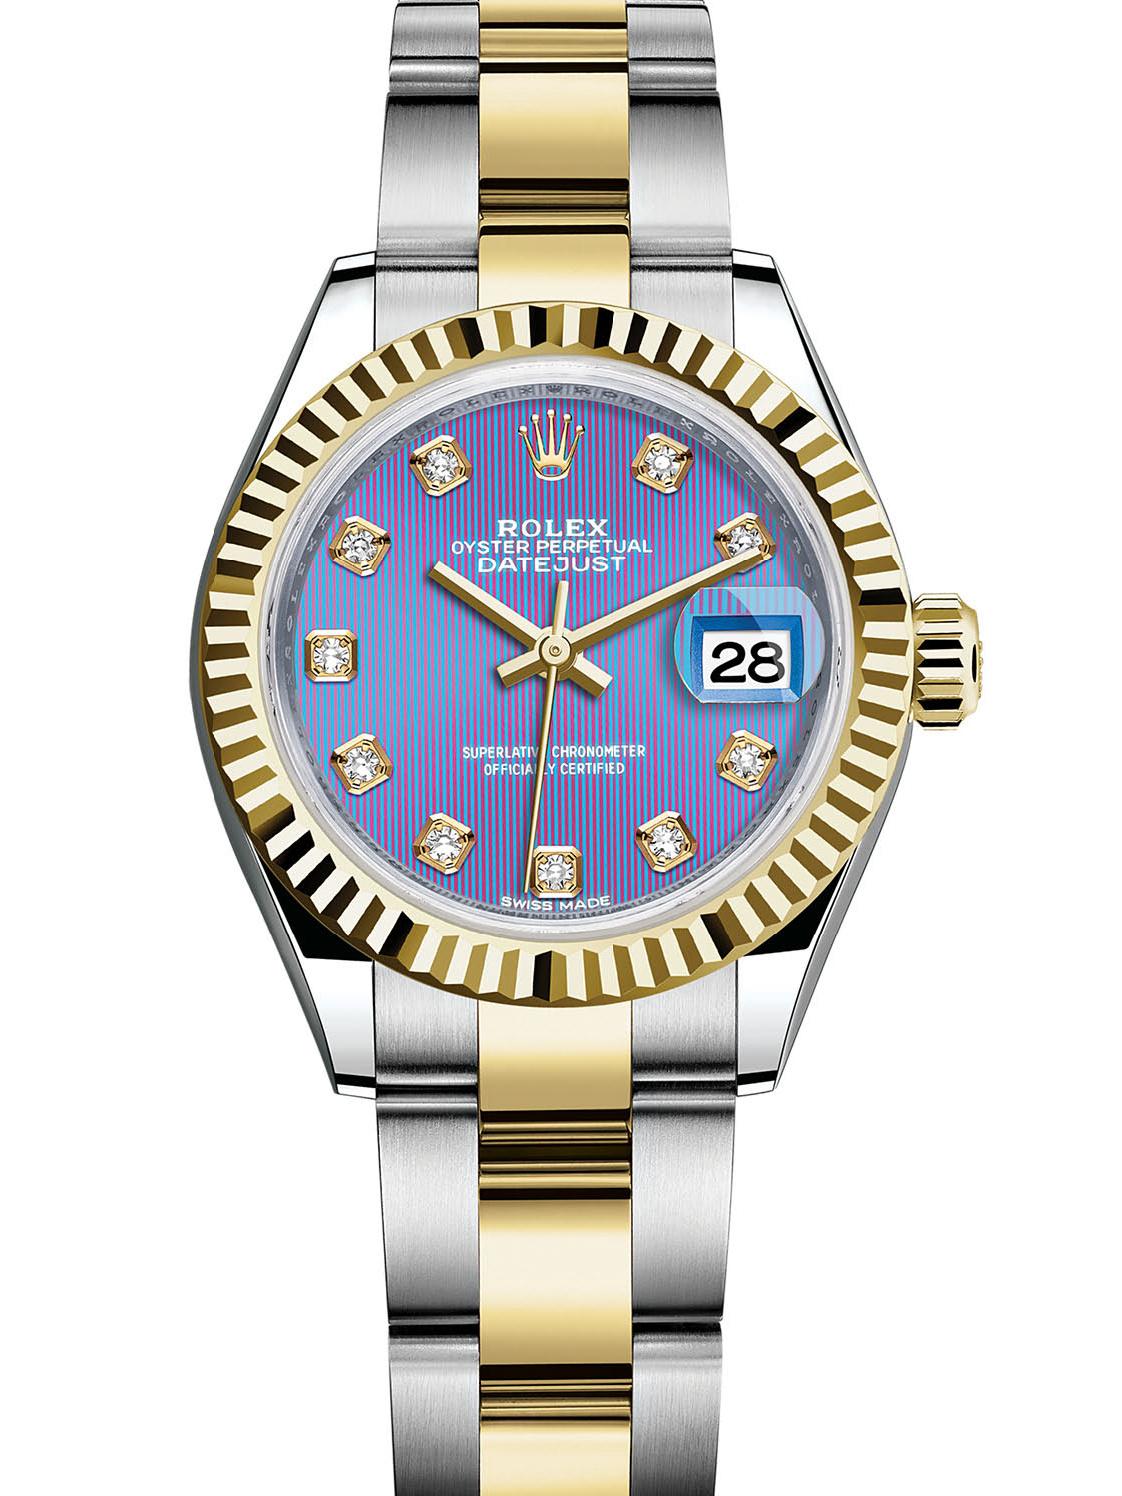 劳力士女装日志型28黄金钢牙圈紫面钻标女表279173-0018